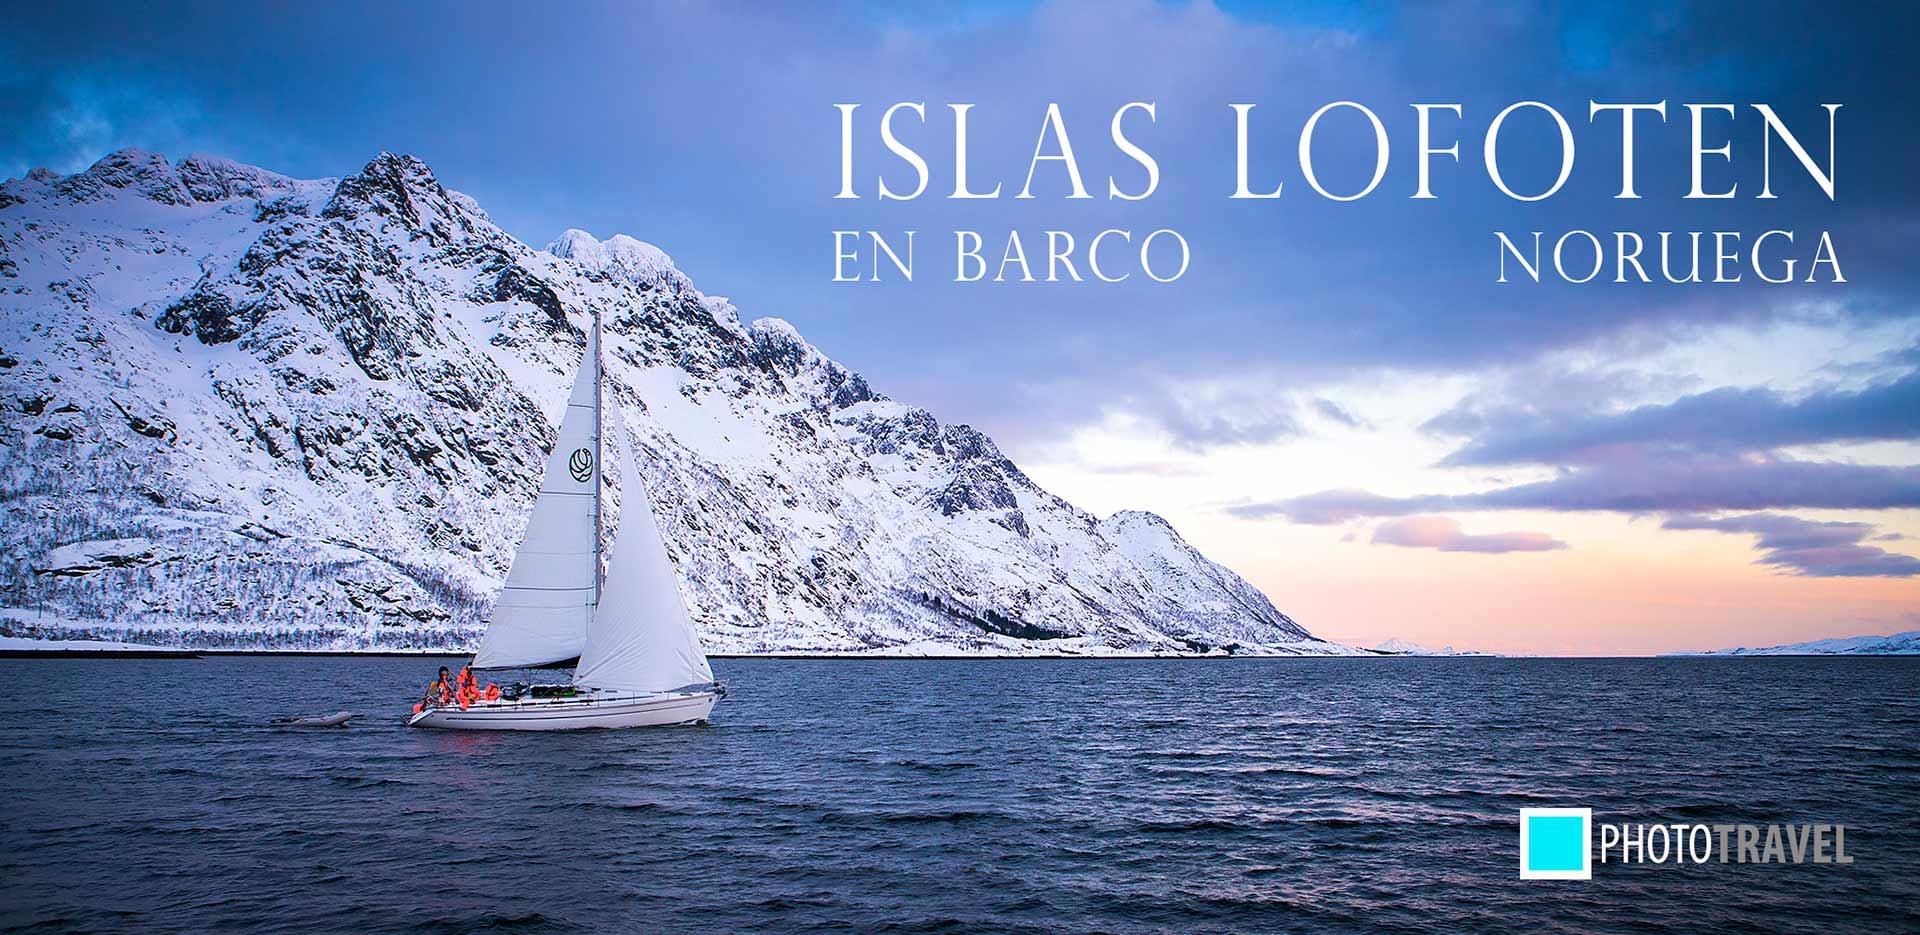 viaje-fotografico-lofoten-barco-2020